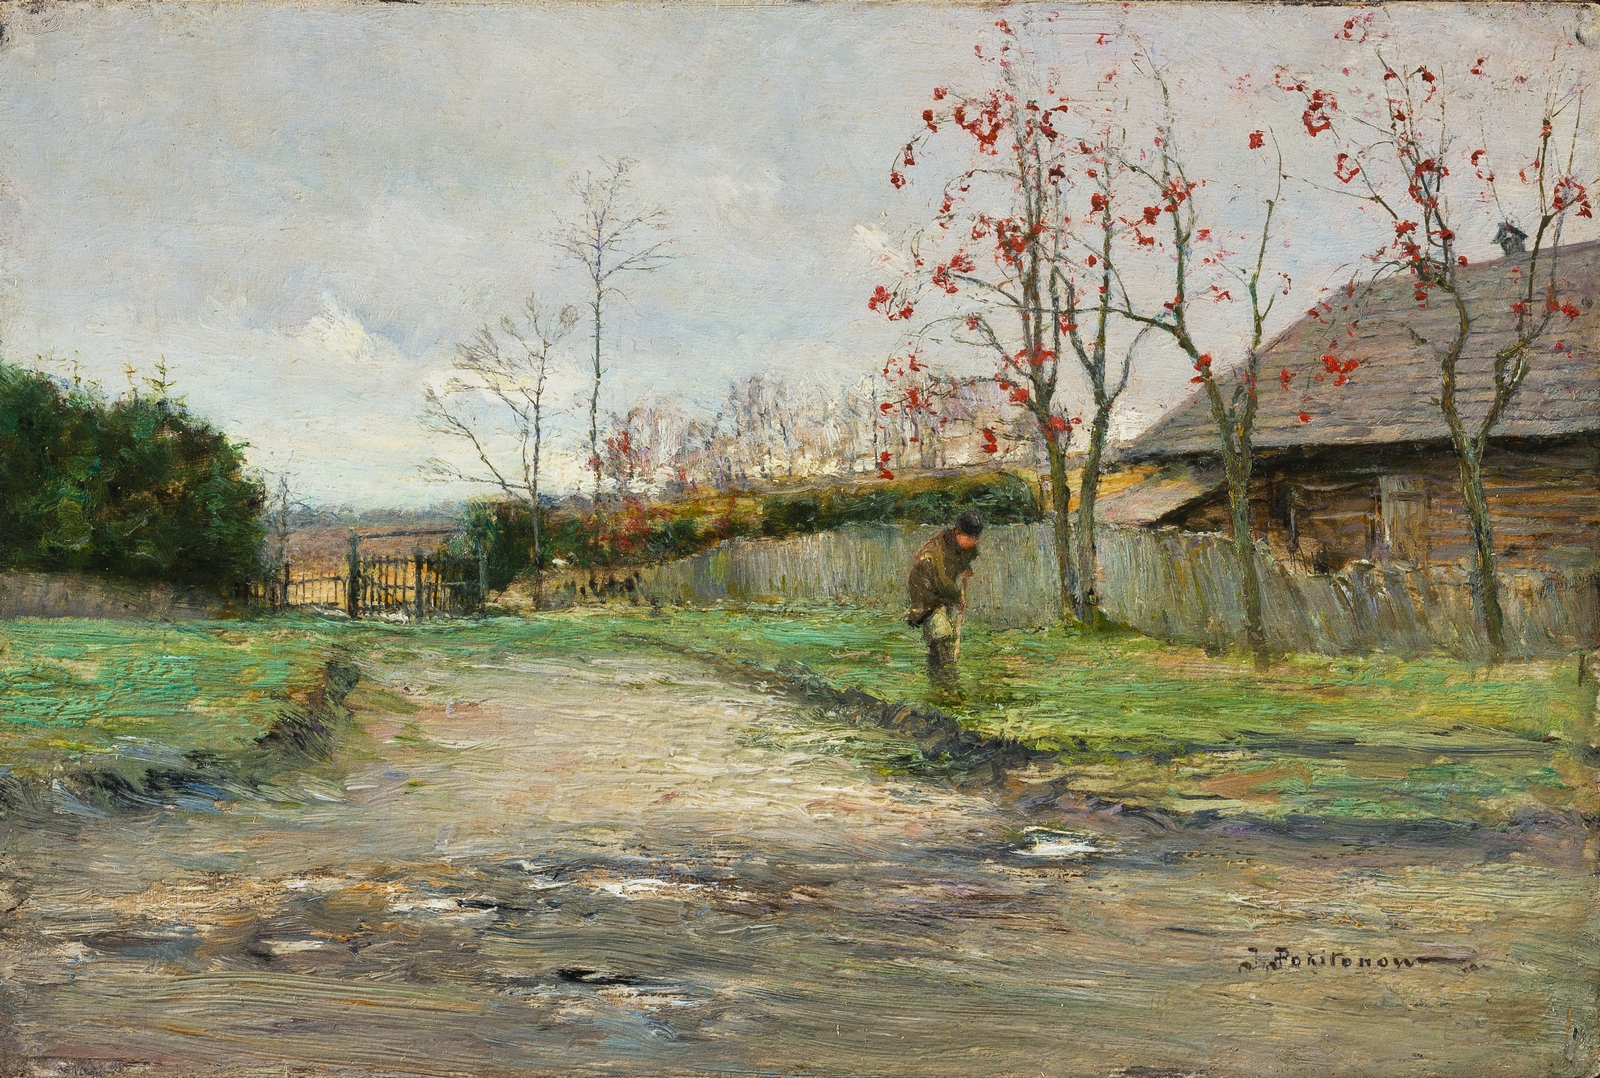 Околица в Жабовщизне. 1904